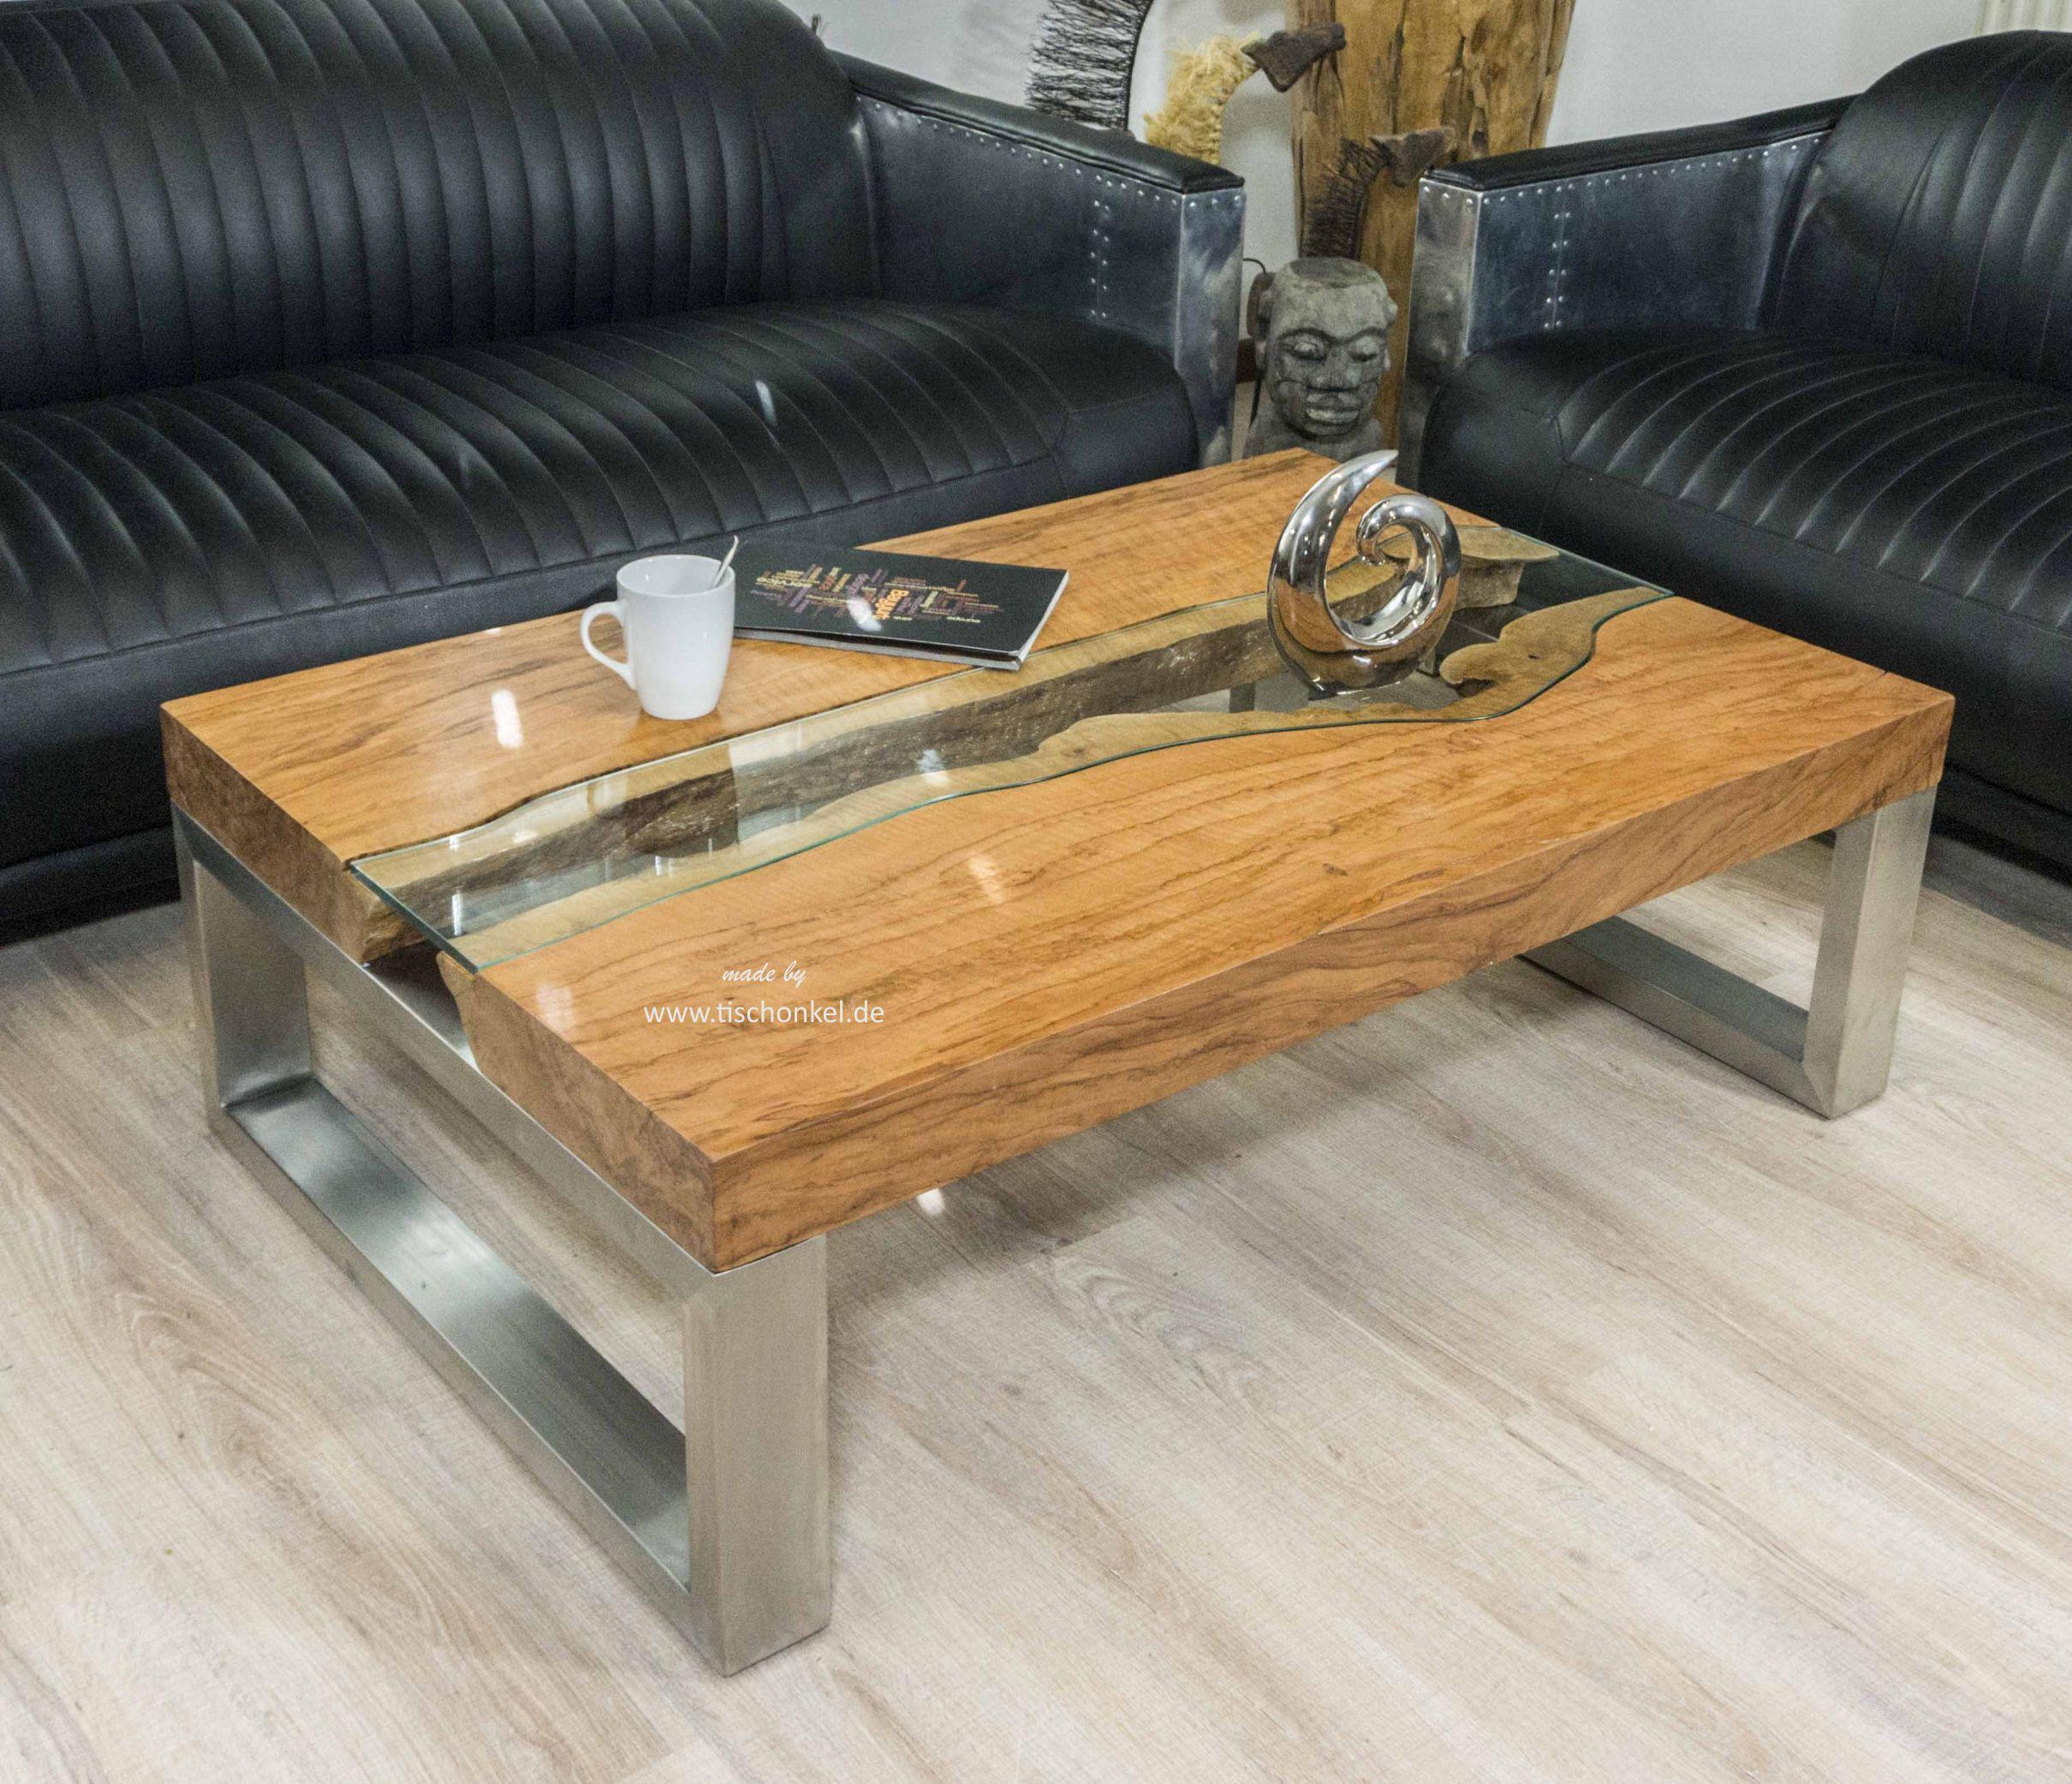 Wohnzimmer Tisch  Eckiger Designer Wohnzimmertisch 120 x 80 cm aus Holz